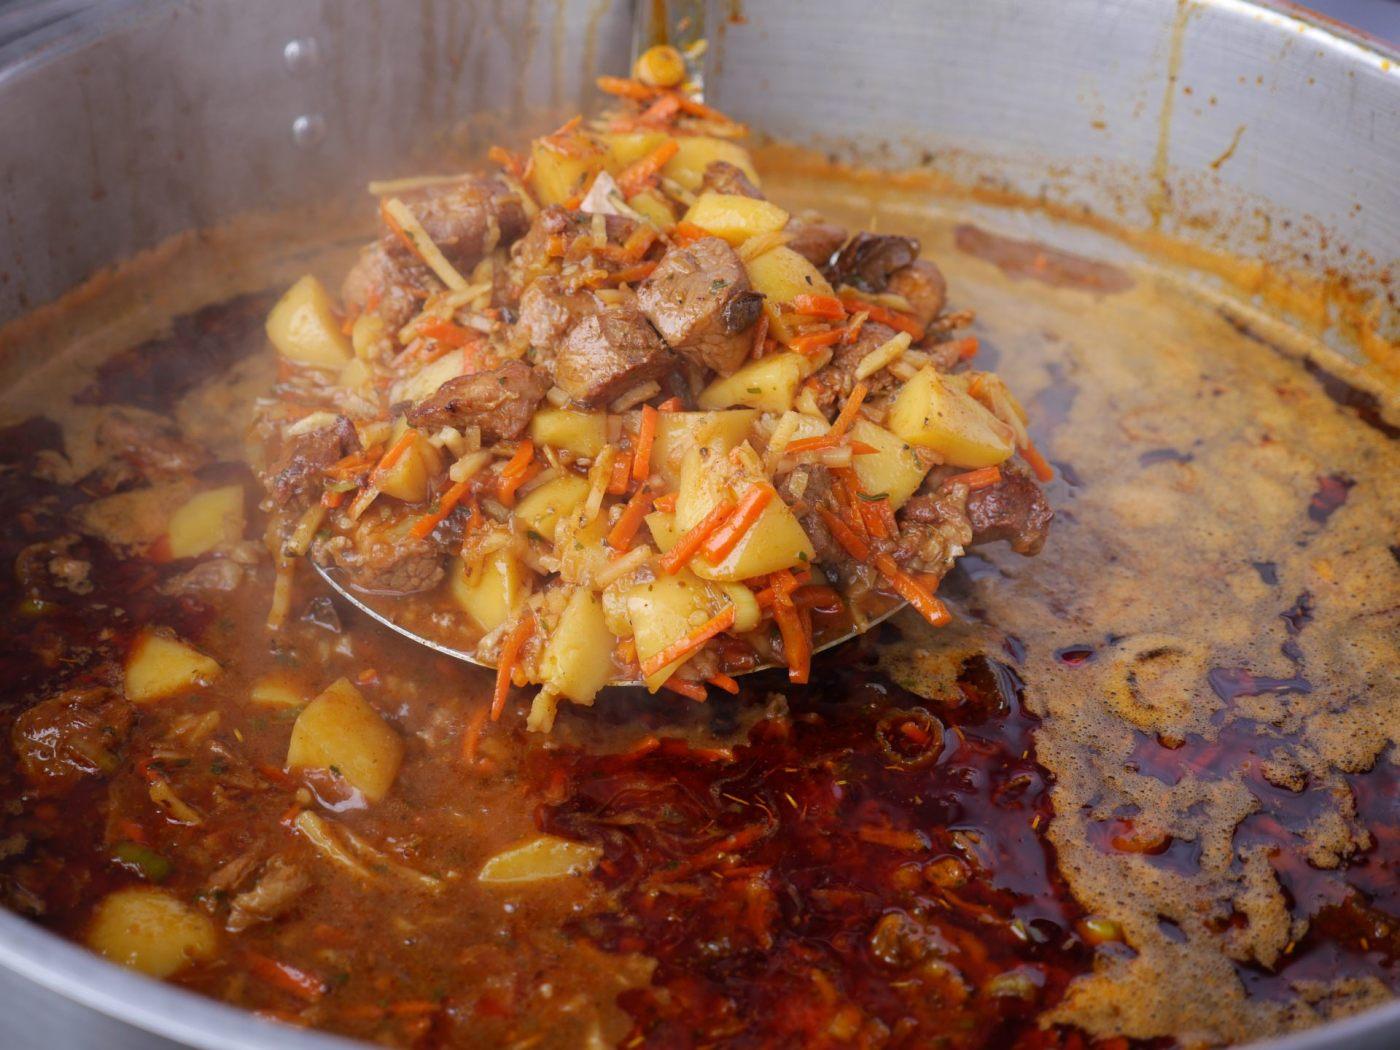 Staropolska zupa piwna na bazie piwa Koźlak  Amber Fest